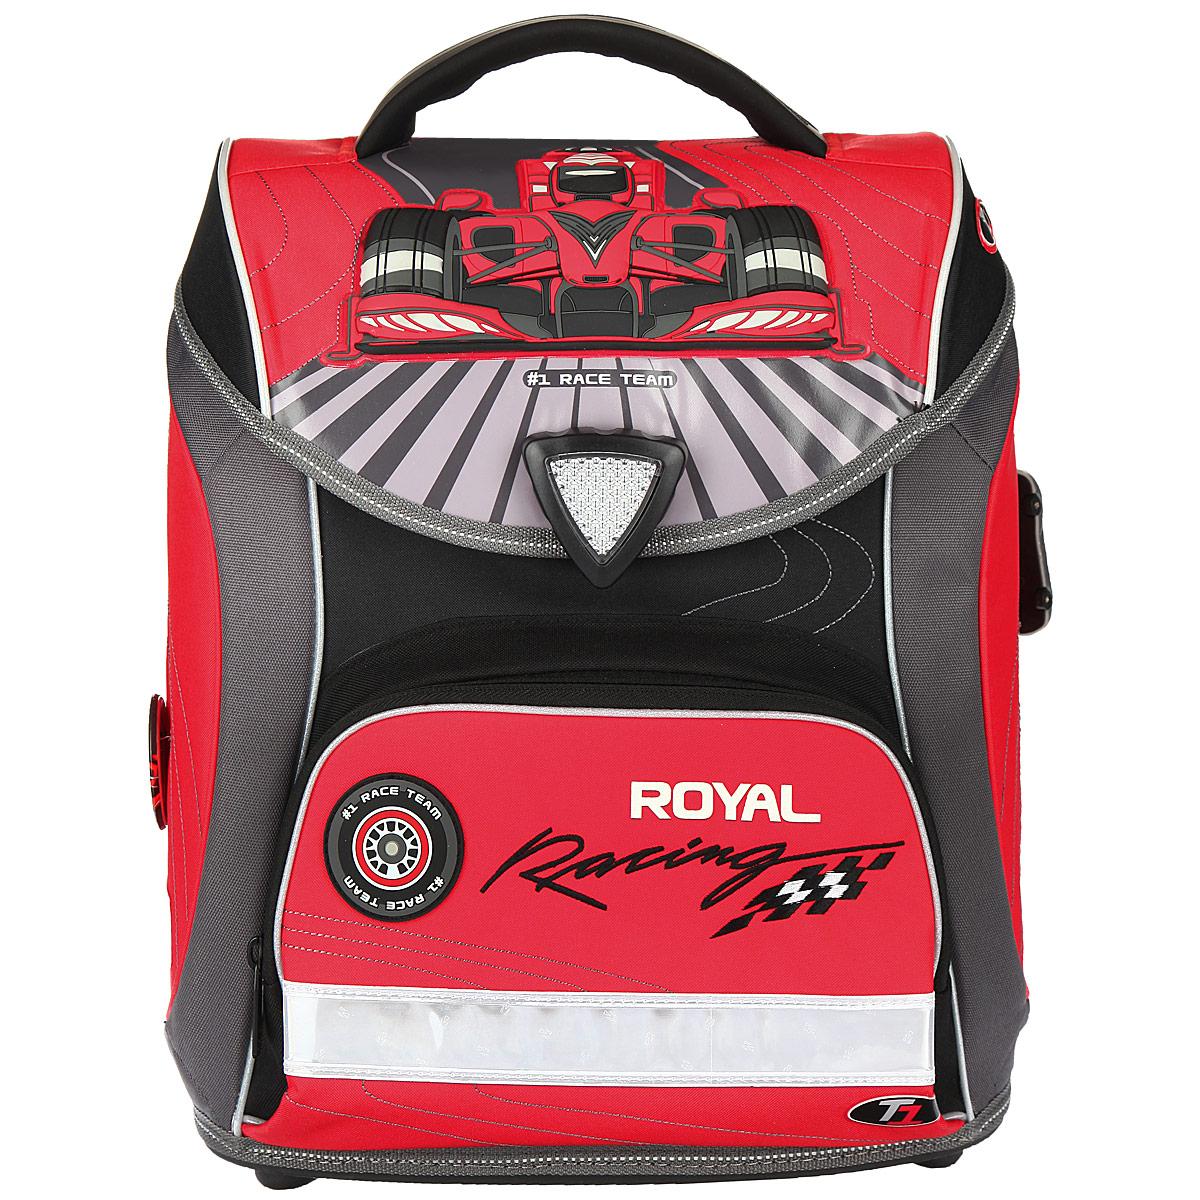 Ранец школьный Hummingbird Royal Racing, цвет: серый, красный, черный. H6H6Эргономичный школьный ранец с жесткой конструкцией Hummingbird Royal Racing выполнен из современного пористого EVA материала, отличающегося легкостью и долговечностью. Изделие оформлено изображением робота и дополнительно оформлено брелоком в форме машинки. Ранец имеет одно основное отделение, закрывающееся на магнитный замок-вертушку. Внутри главного отделения расположены: нашитый карман на молнии, два накладных кармана-разделителя с жесткими стенками. На лицевой стороне ранца расположен накладной карман на молнии. По бокам рюкзака расположены два вшитых кармана на молниях. Спинка ранца Ergo System со специальной дышащей системой дарит комфорт и способствует улучшению осанки ребенка. Ранец оснащен эргономичной ручкой для переноски, двумя широкими лямками, регулируемой длины, и петлей для подвешивания. Дно изготовлено из прочного пластика. Многофункциональный школьный ранец Hummingbird Royal Racing станет незаменимым спутником вашего ребенка в походах за...